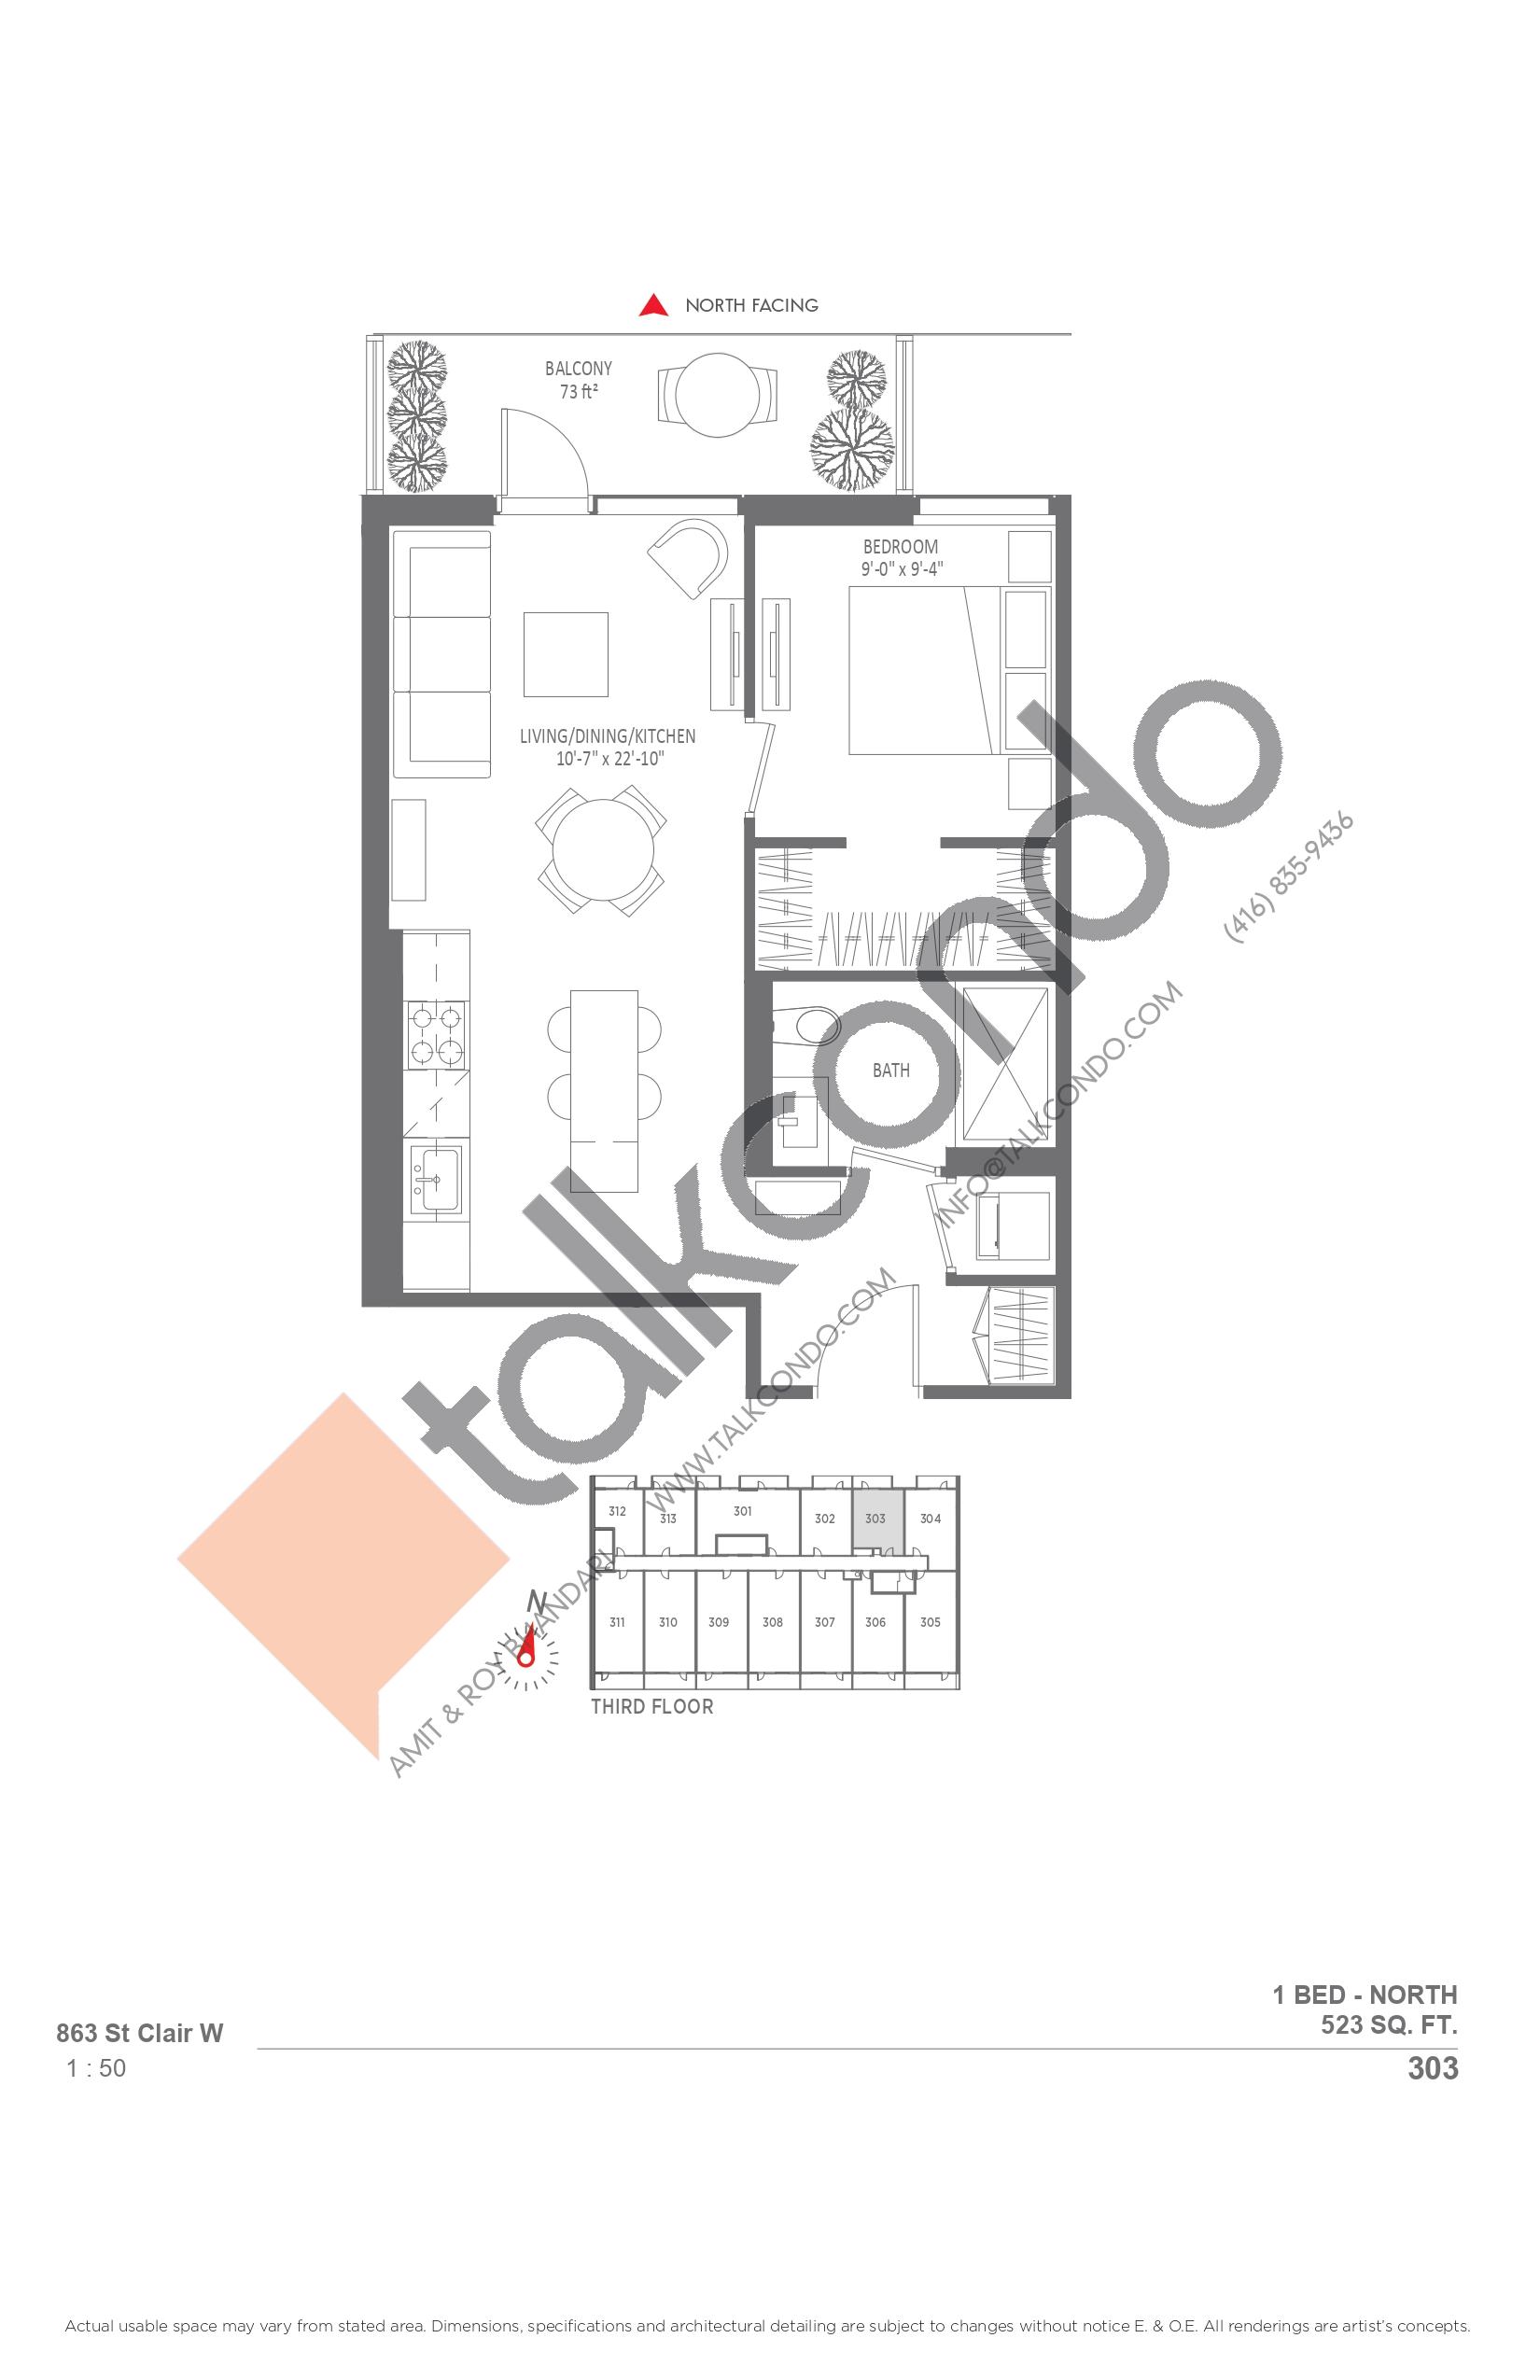 303 Floor Plan at Monza Condos - 523 sq.ft